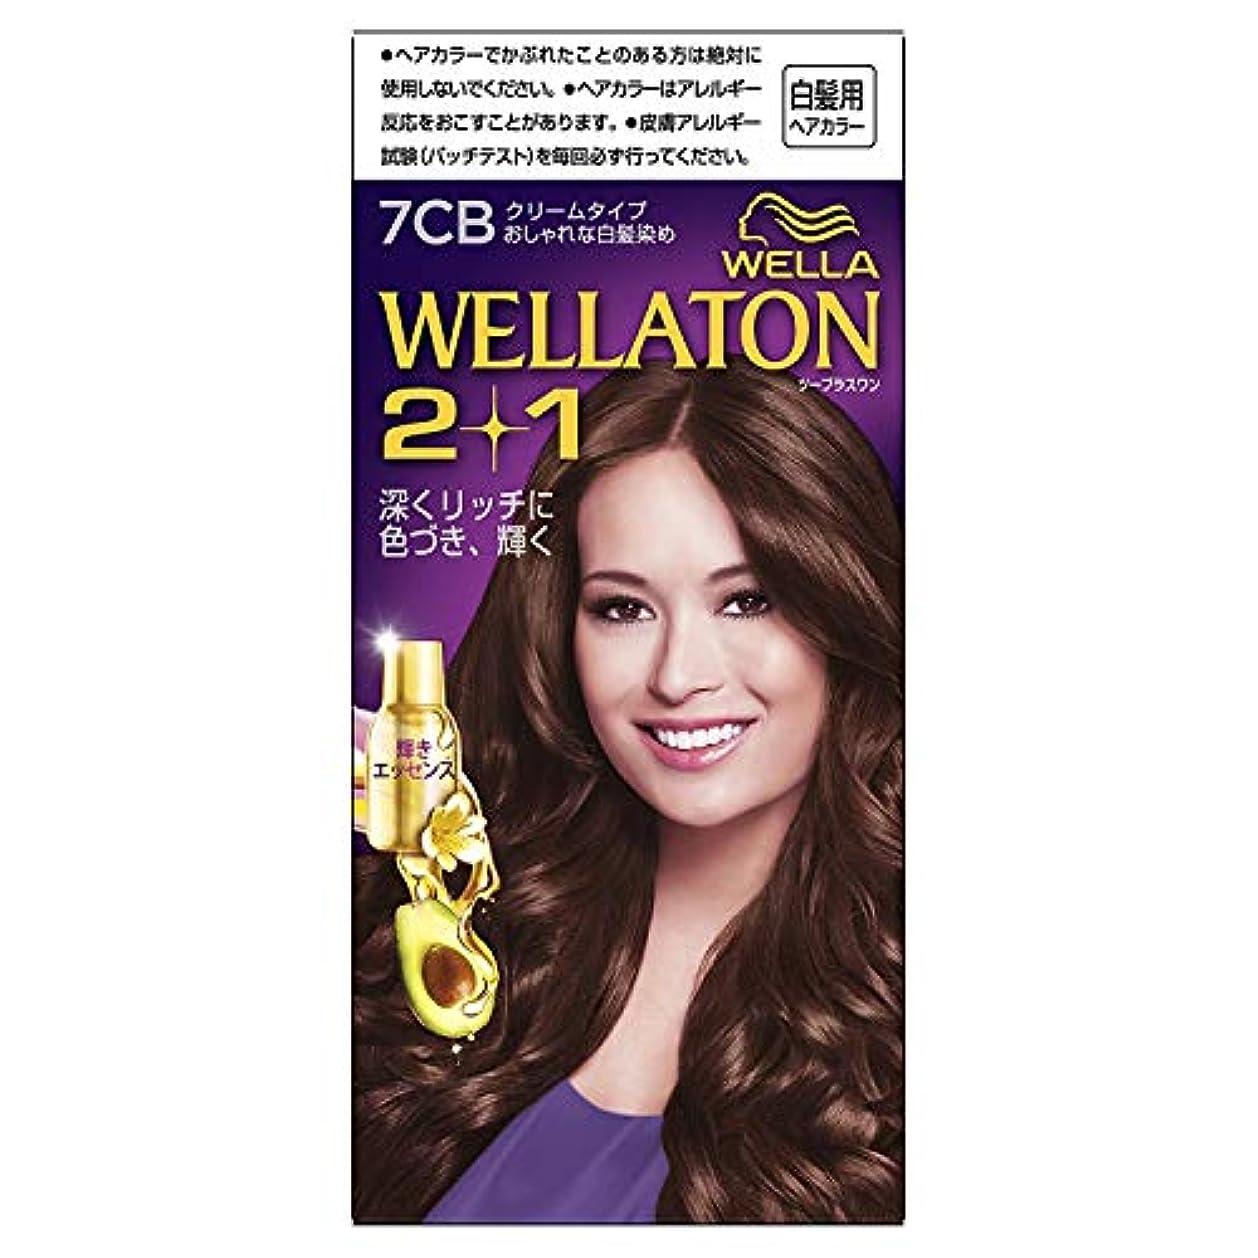 蒸発雑草ヘルシーウエラトーン2+1 白髪染め クリームタイプ 7CB [医薬部外品]×3個